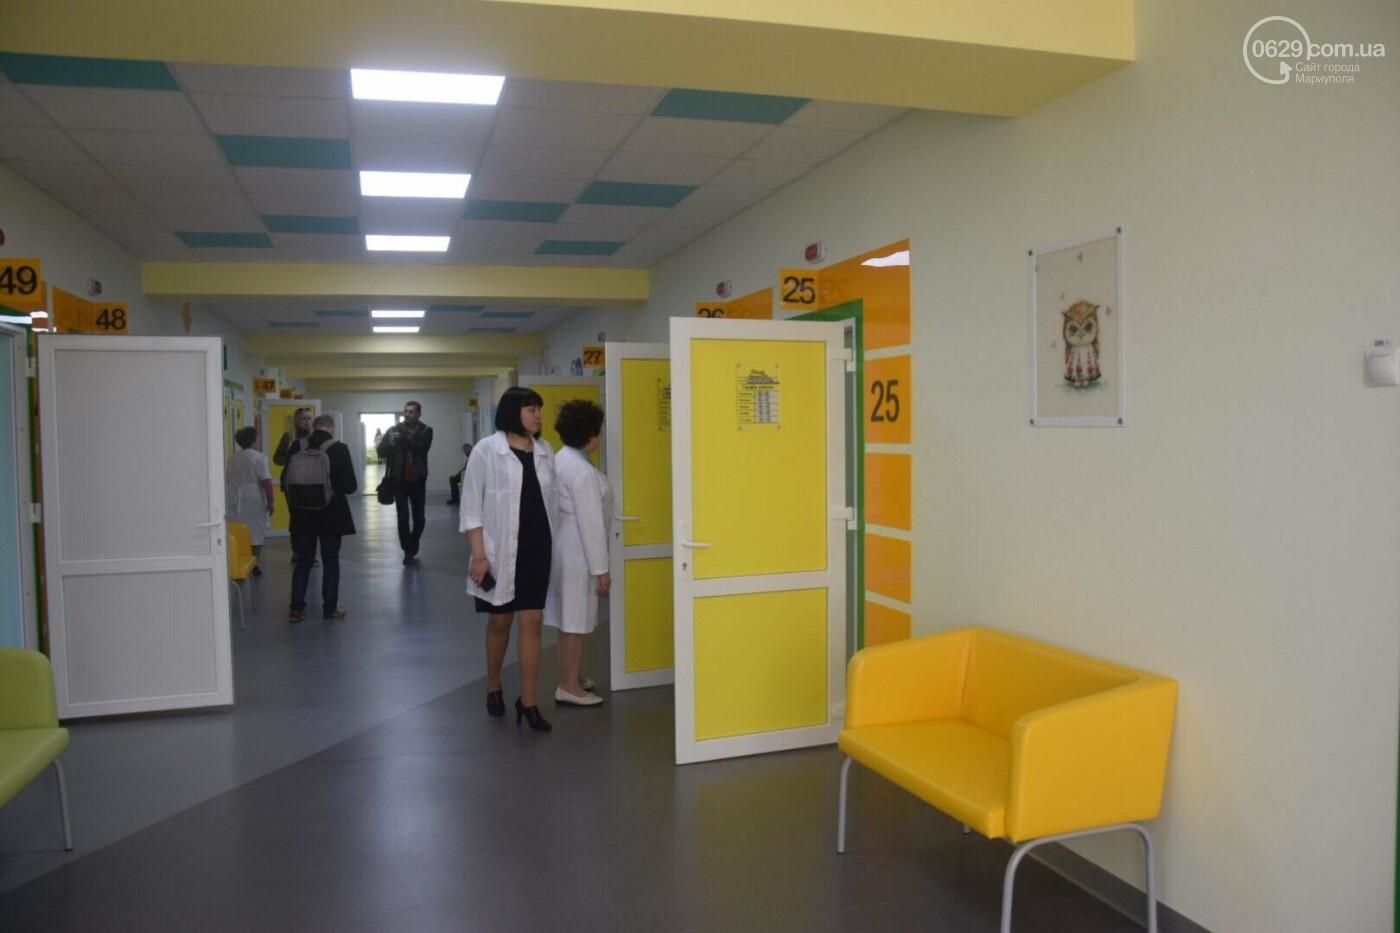 В Мариуполе Владимир Гройсман открыл детскую поликлинику и познакомился с Сережей, - ФОТОРЕПОРТАЖ, ВИДЕО, фото-10